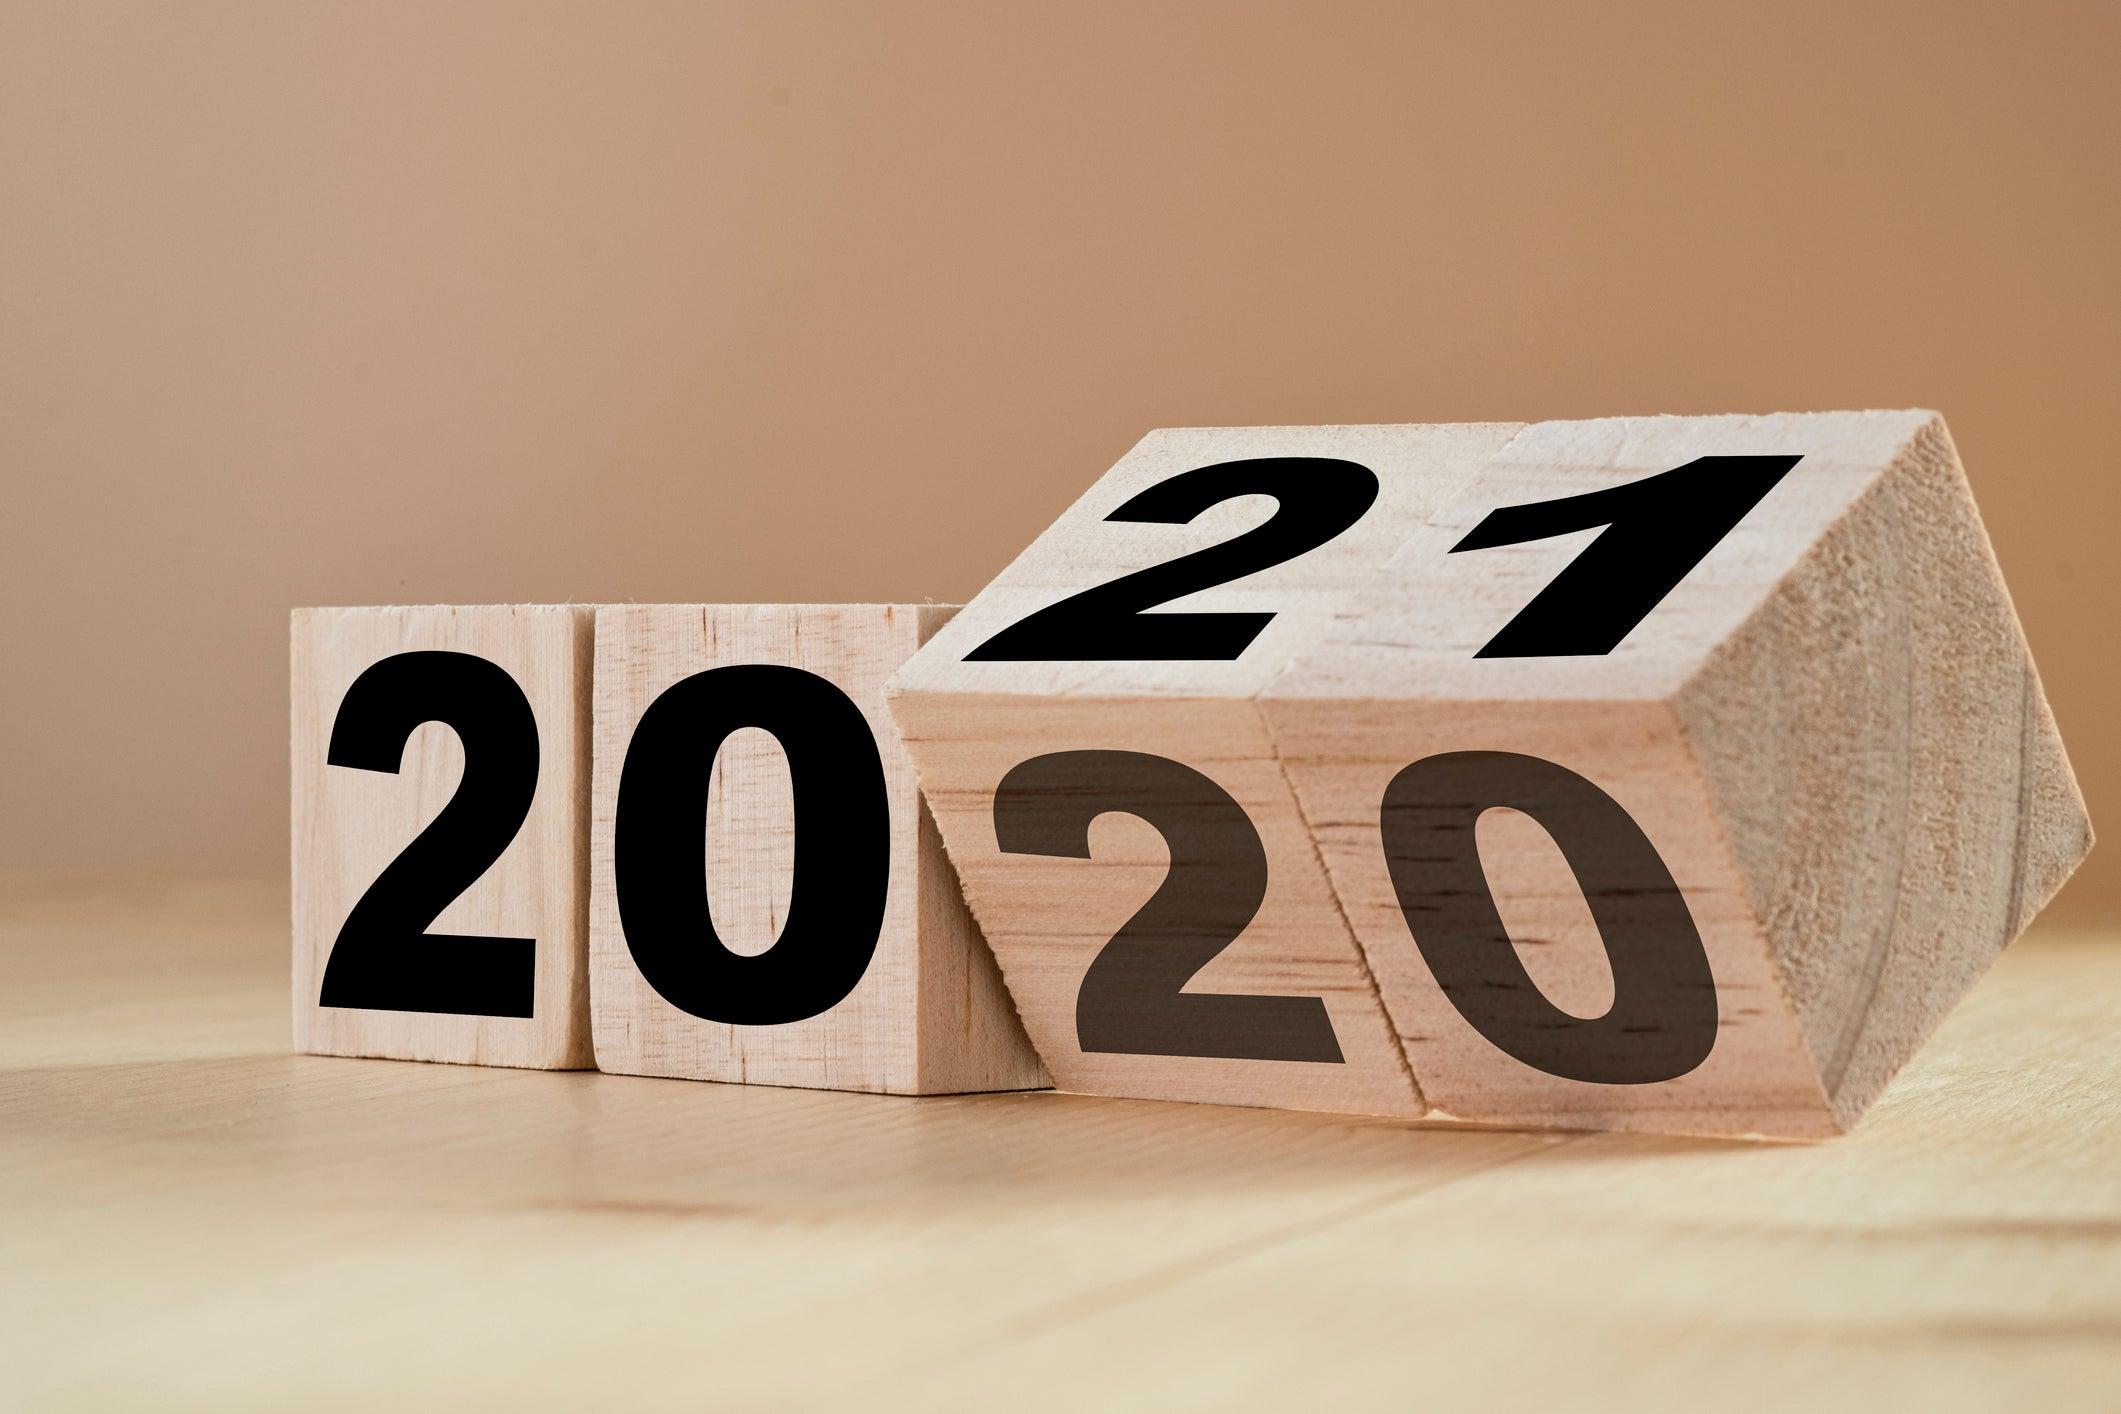 מפגש 6: סיכום שנת 2020 והשפעותיה על השנה הבאה